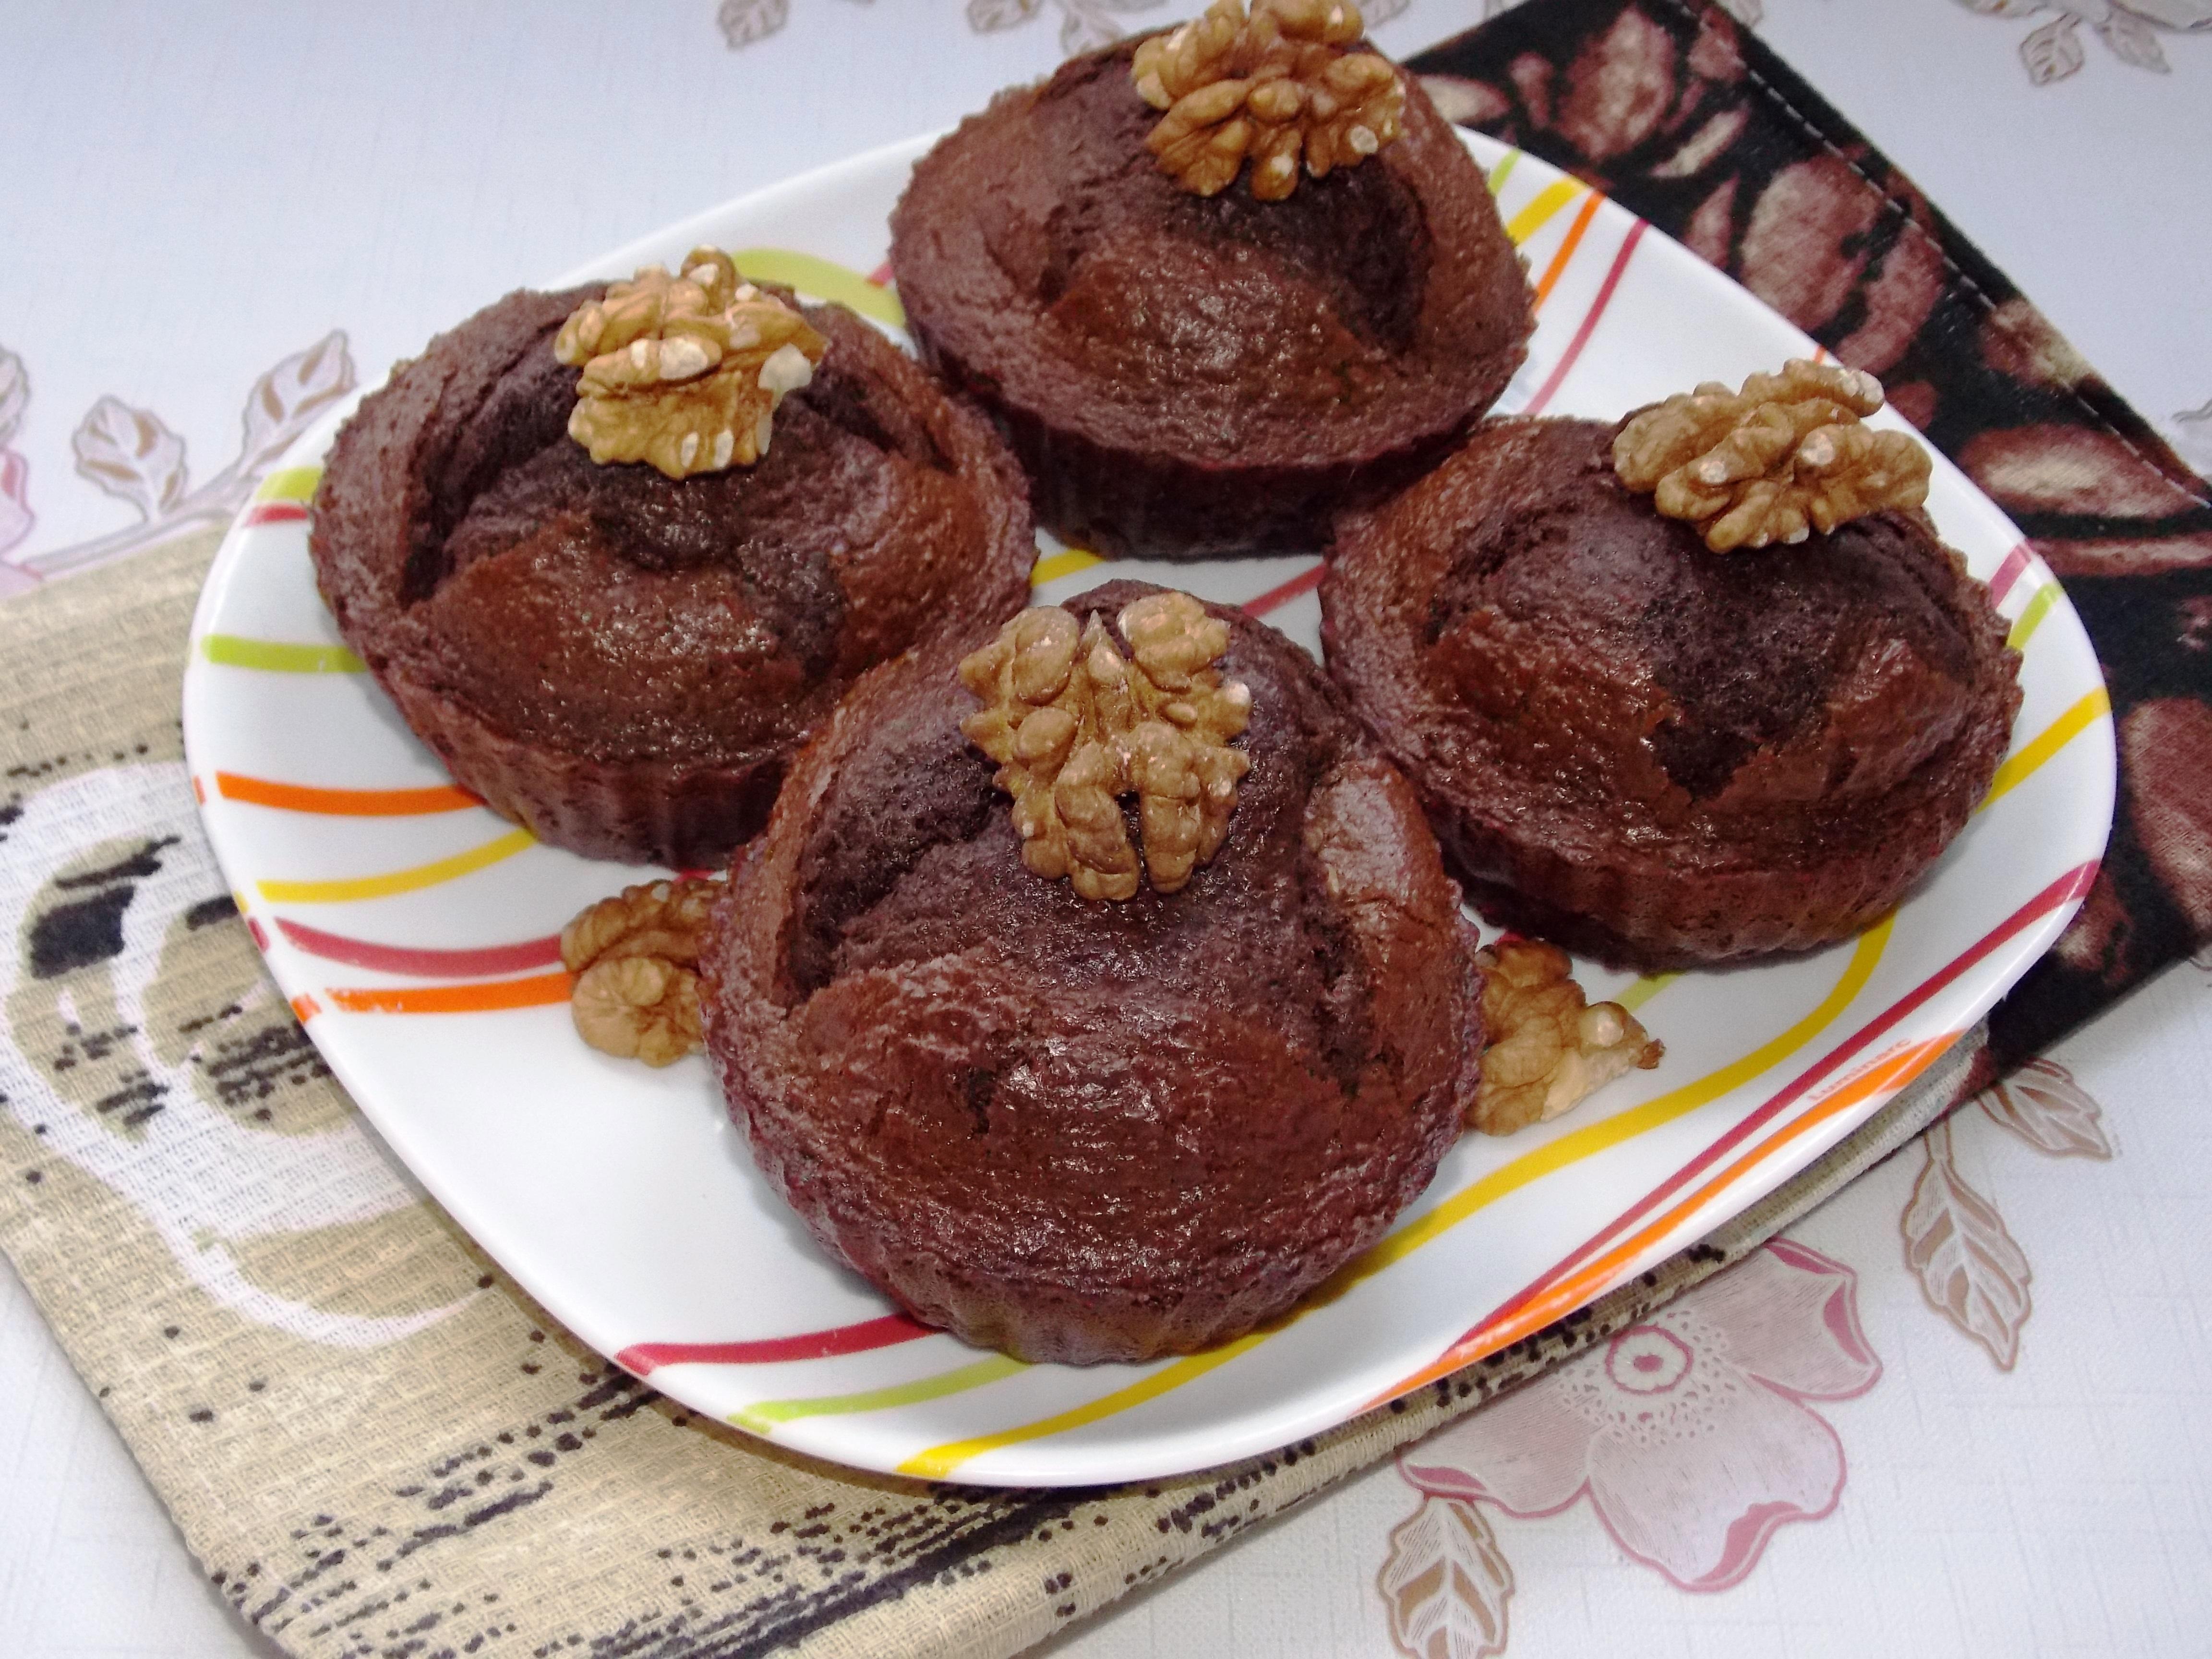 кексы с шоколадом рецепт с фото